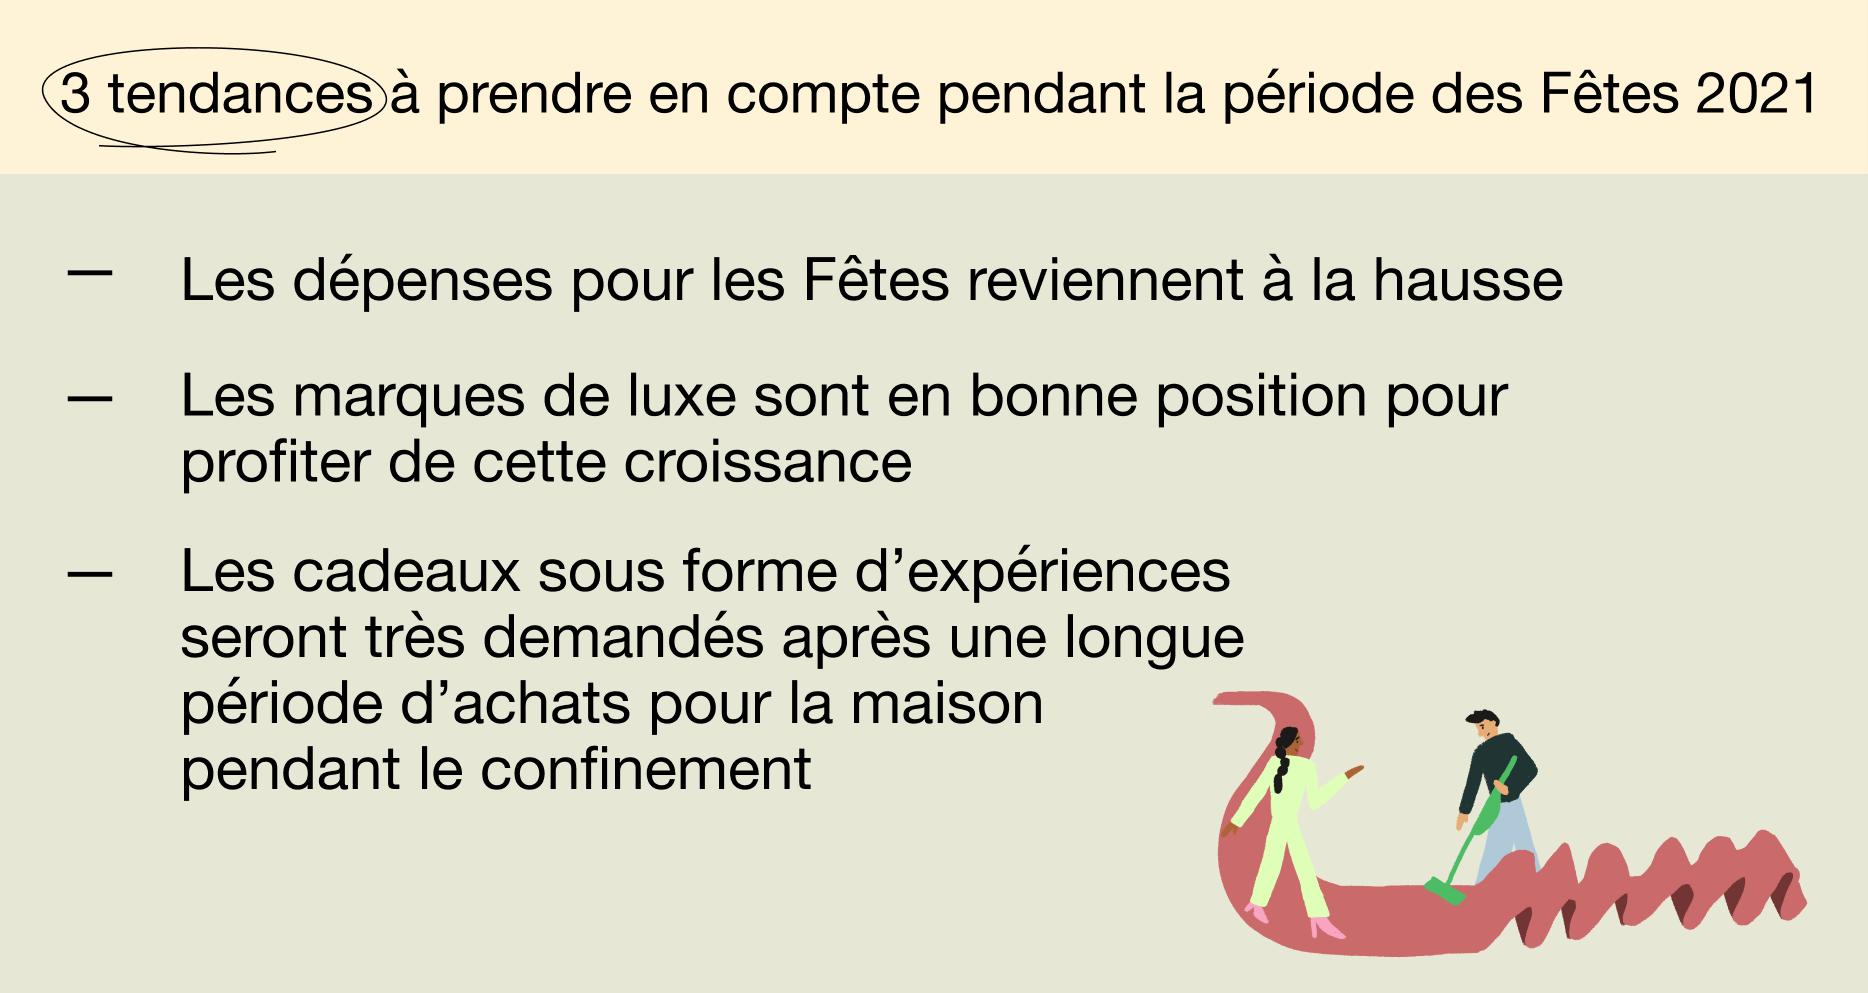 FR - Holiday report - 3 tendances à prendre en compte pendant la période des Fêtes 2021